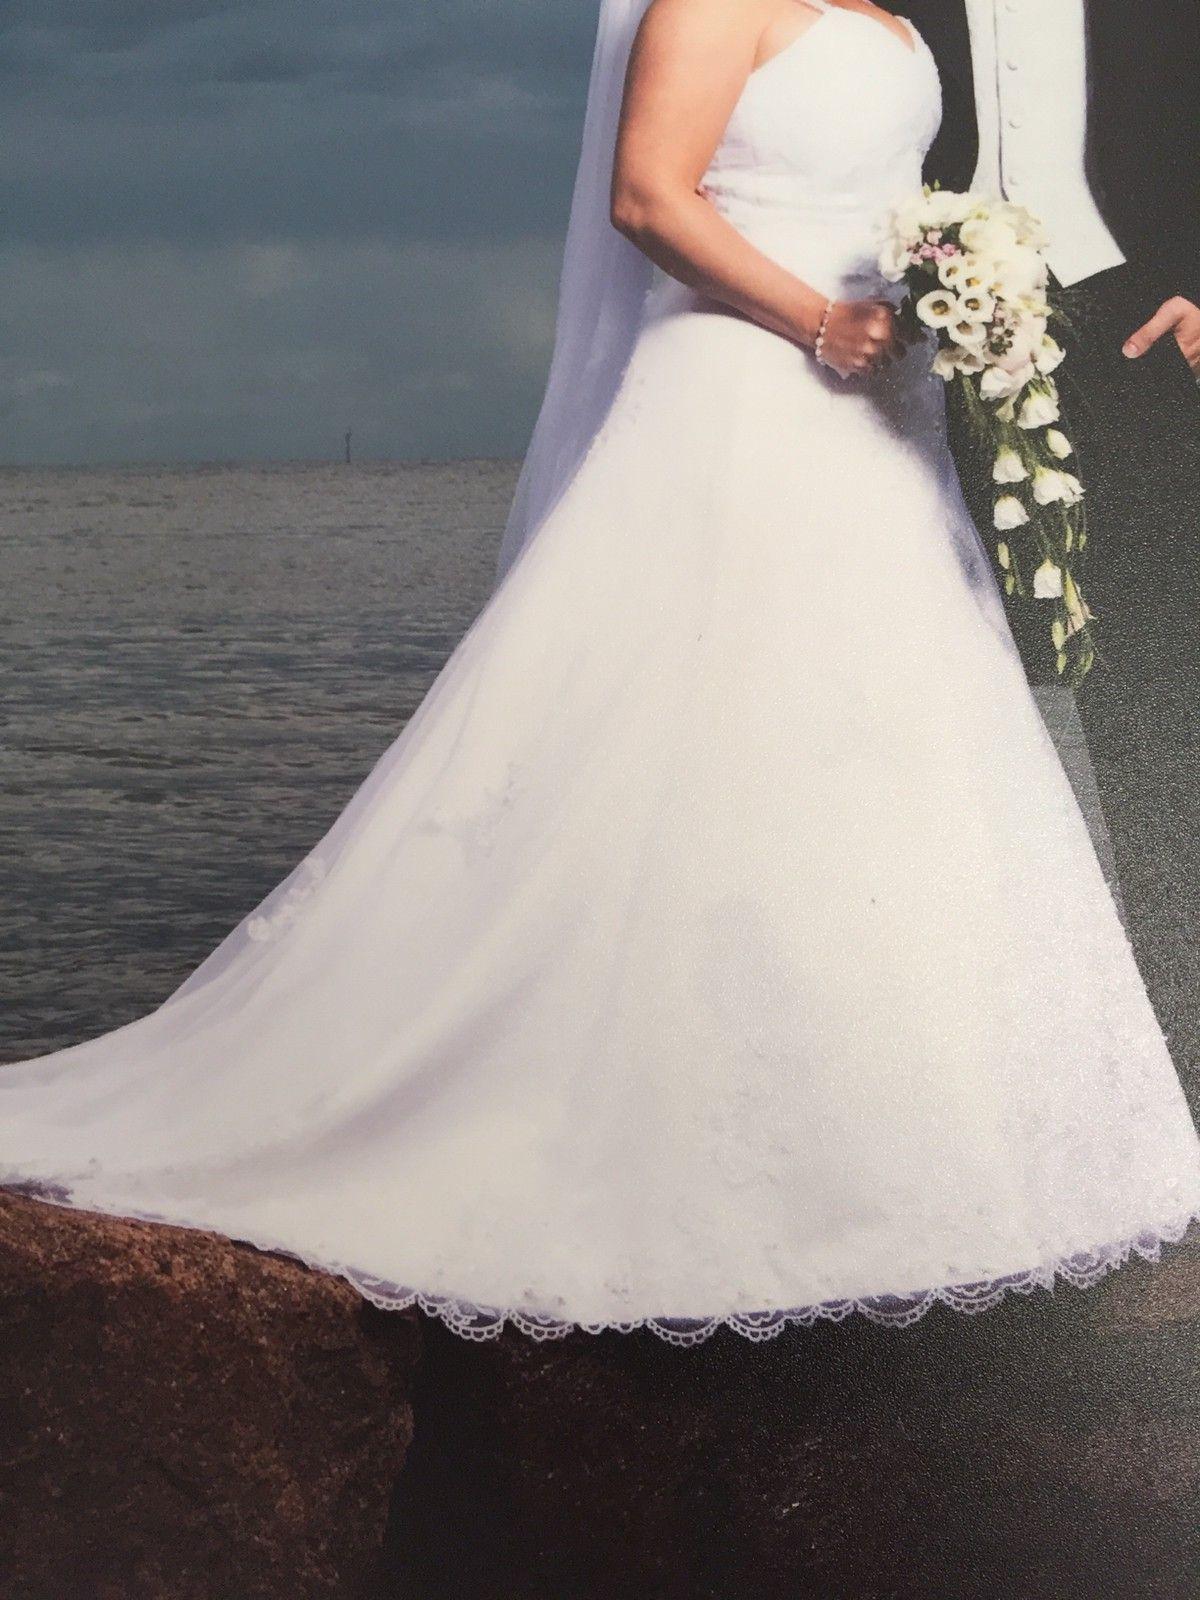 fbf35b5addb8 Ny pris!! Nydelig brudekjole fra Agape!